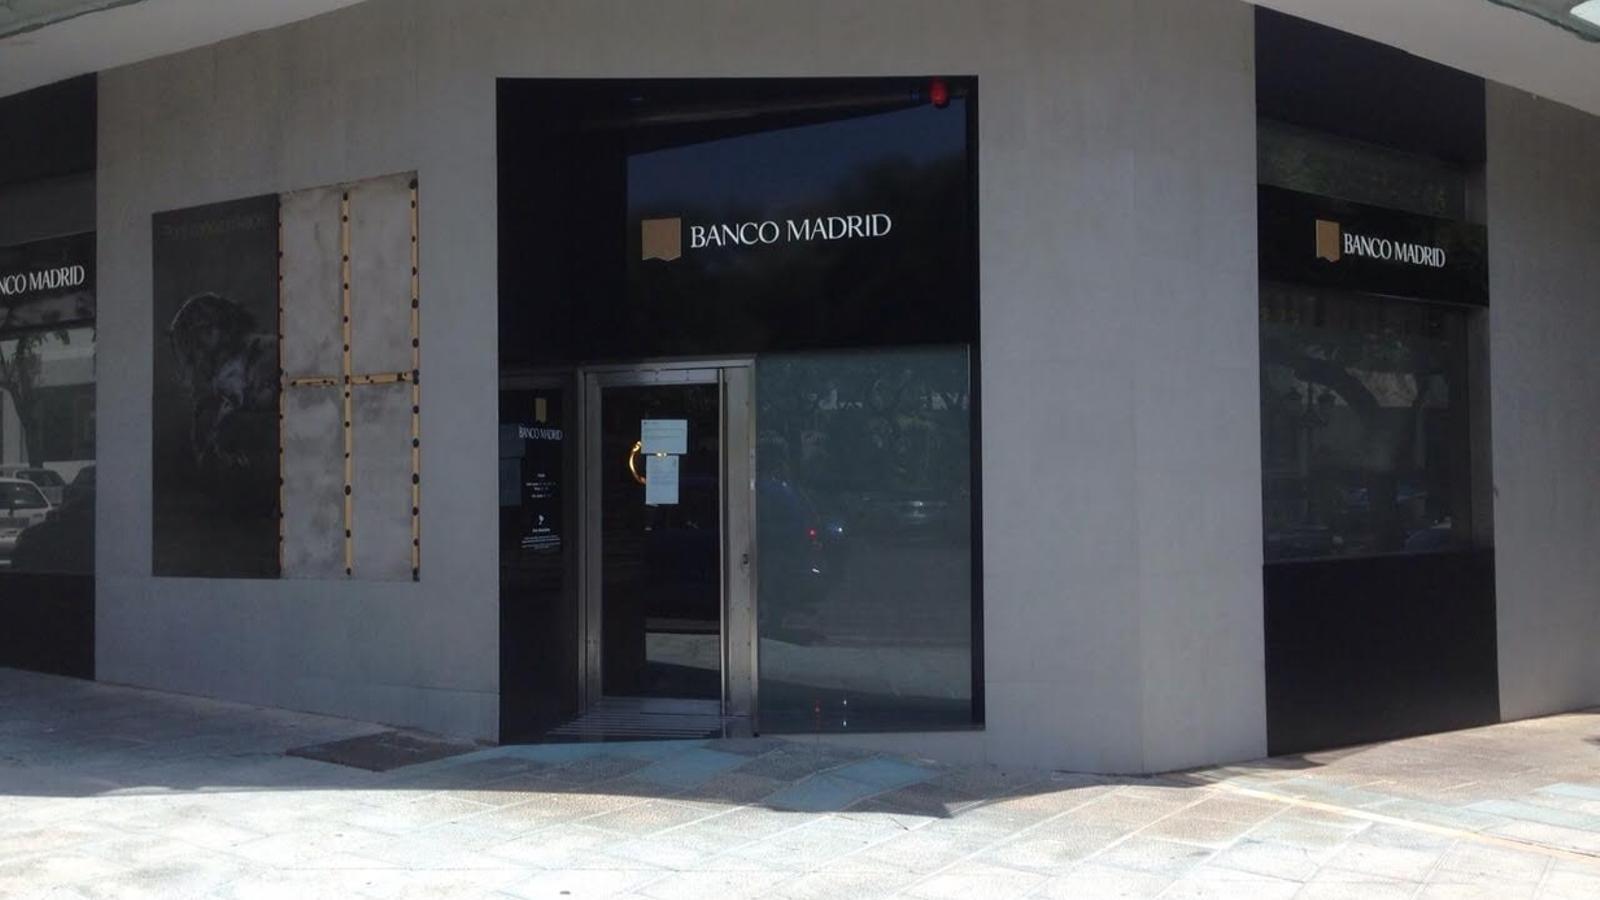 El banc d 39 espanya creu que bpa va comprar banco madrid amb for Oficinas banco madrid